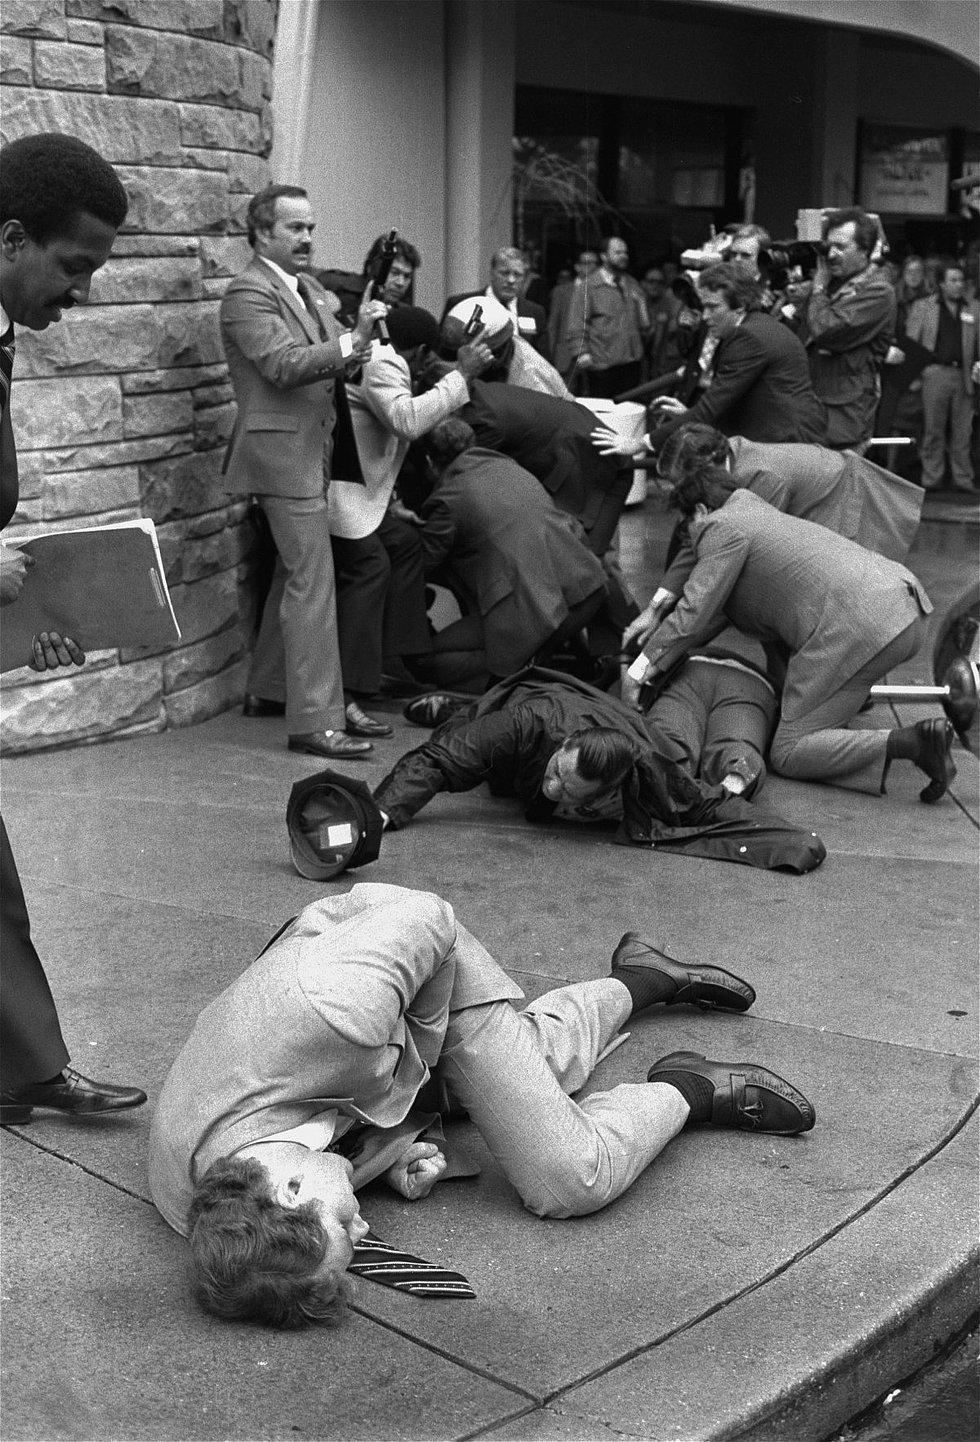 Ron Edmunds tarafından 1981'de çekilen bu fotoğraf, ABD başkanı Ronald Reagan'a doğru ateşlenen 6 el silahtan hemen sonra çekilmiş. Vurulup yerde yatanlar bir gizli seris ajanı, bir polis ve dönemin basın ilişkileri danışmanı Brady. Olaydan sonra felç kalan Brady daha sonra hayatını sivillerin silah almasının bu kadar kolay olmaması için çalışmaya adamış.